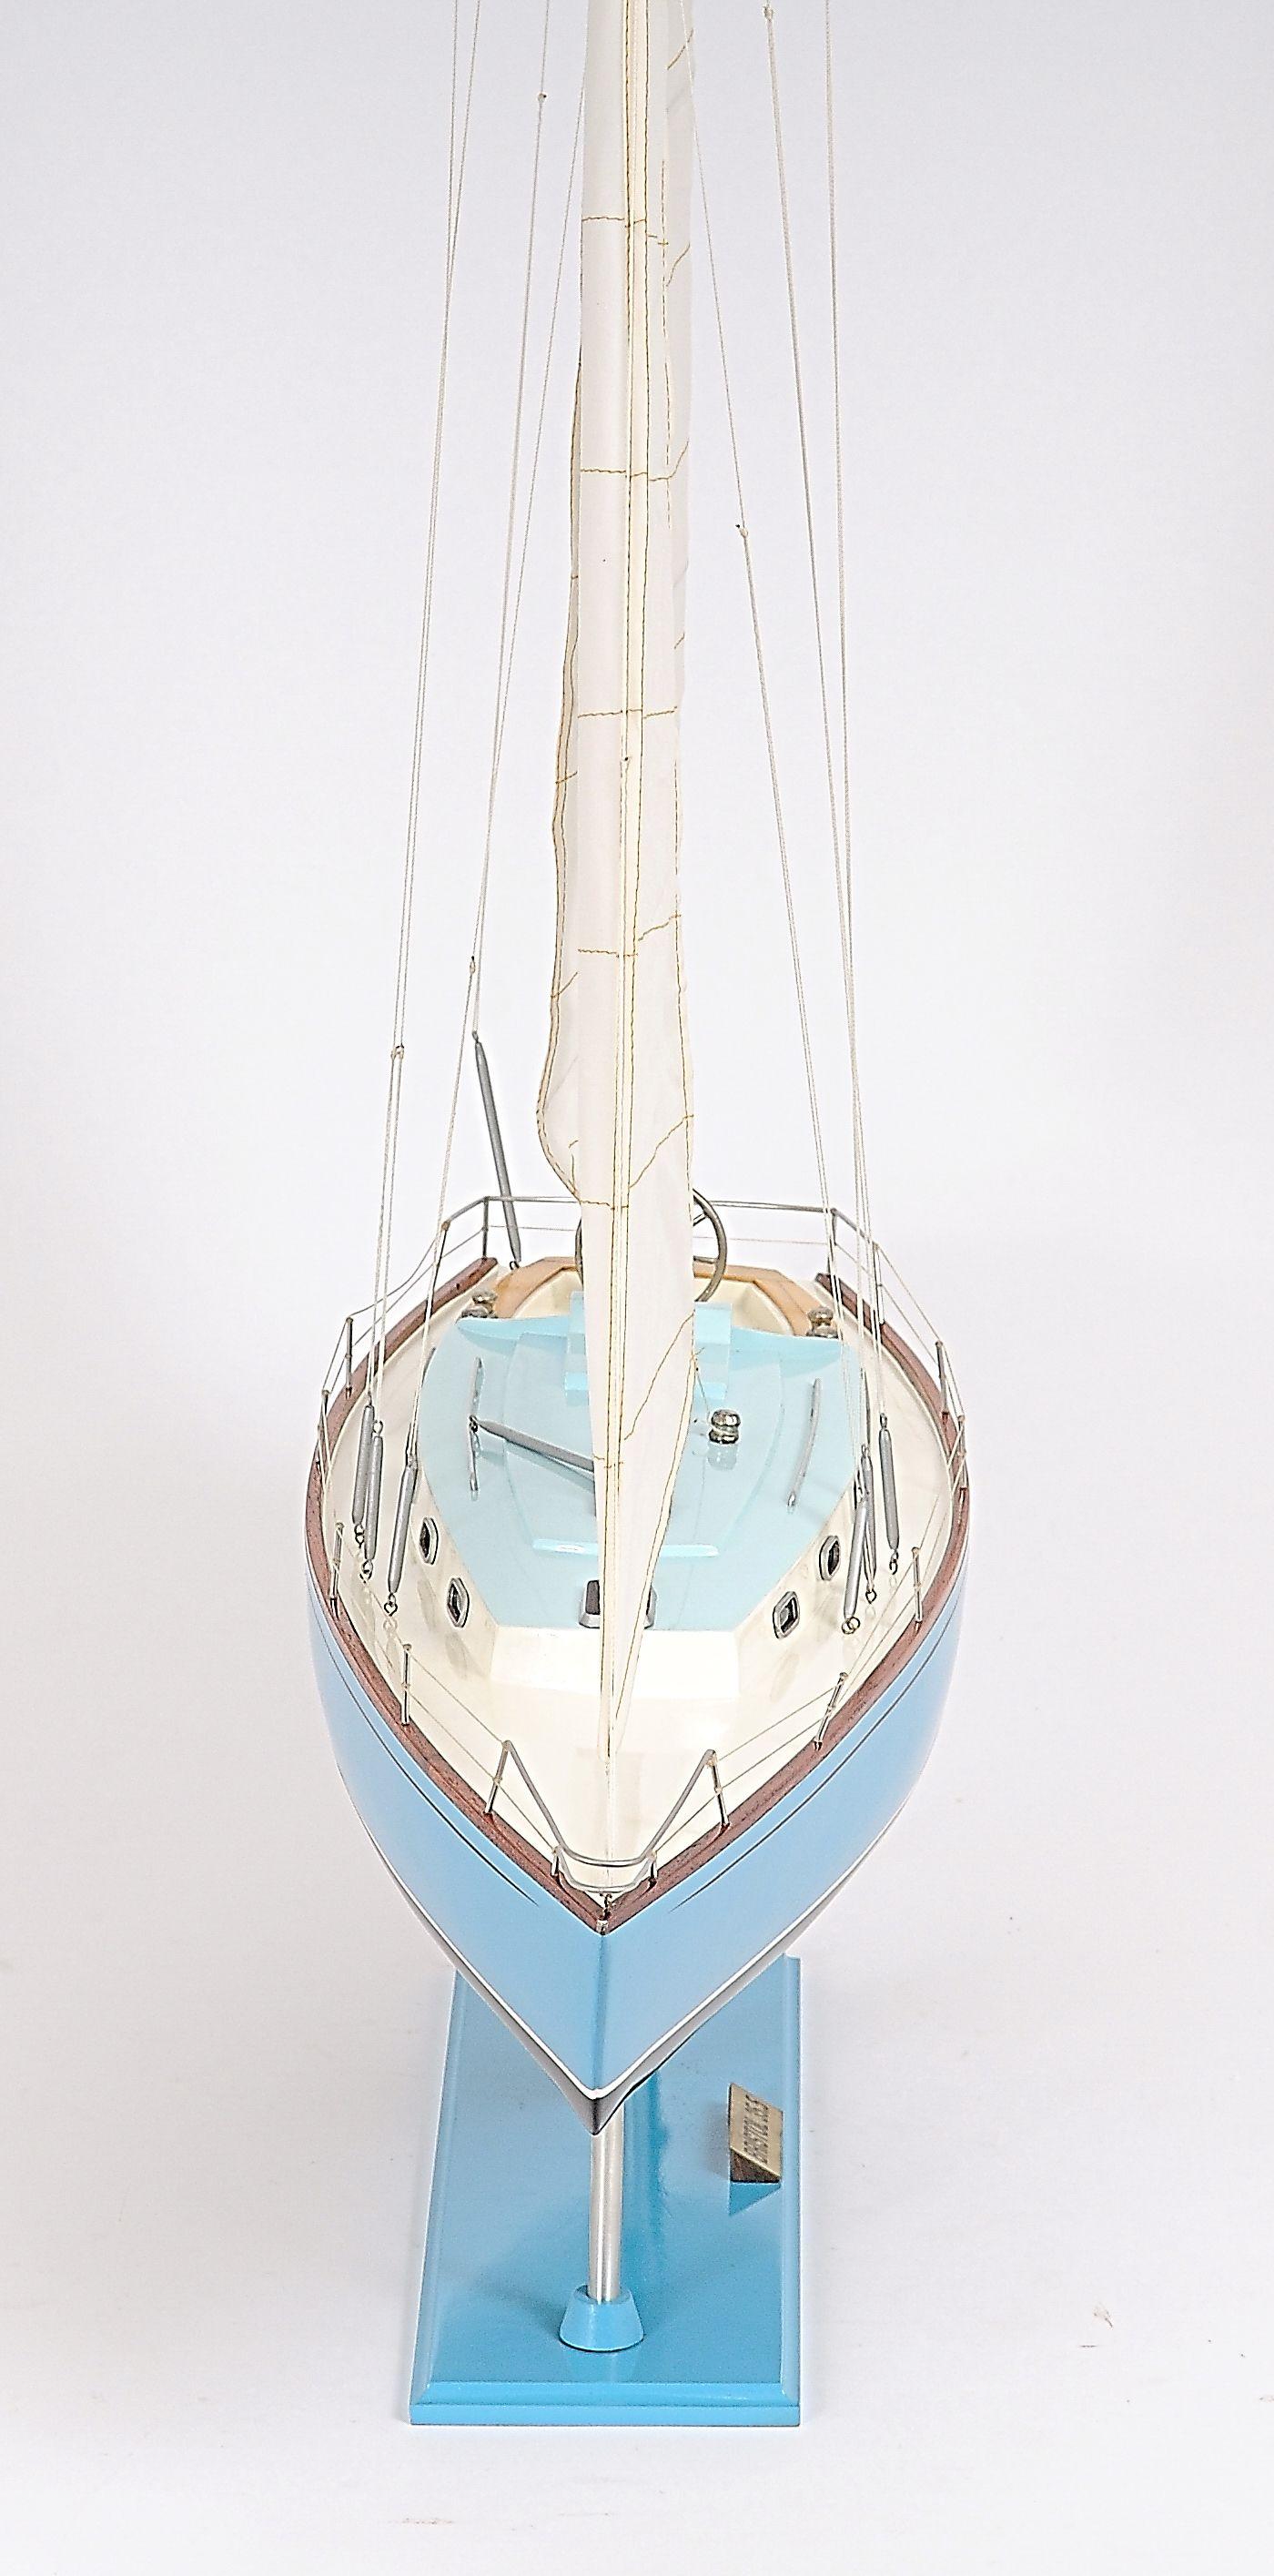 2280-13042-Bristol-35.5-Ship-Model